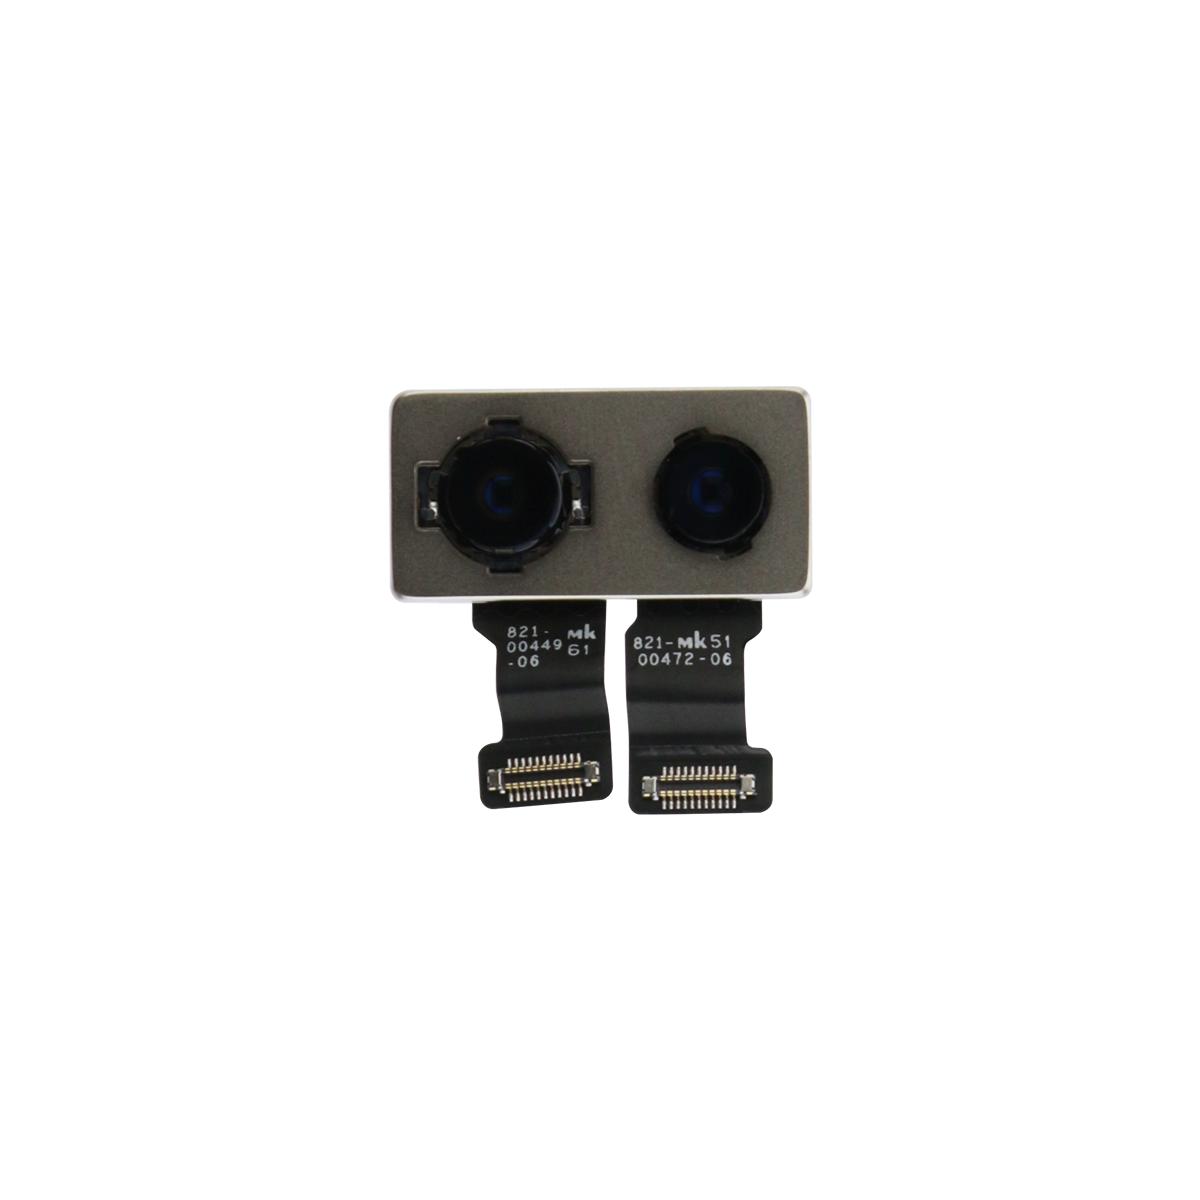 iPhone 7 Plus – Rear Facing Dual Camera